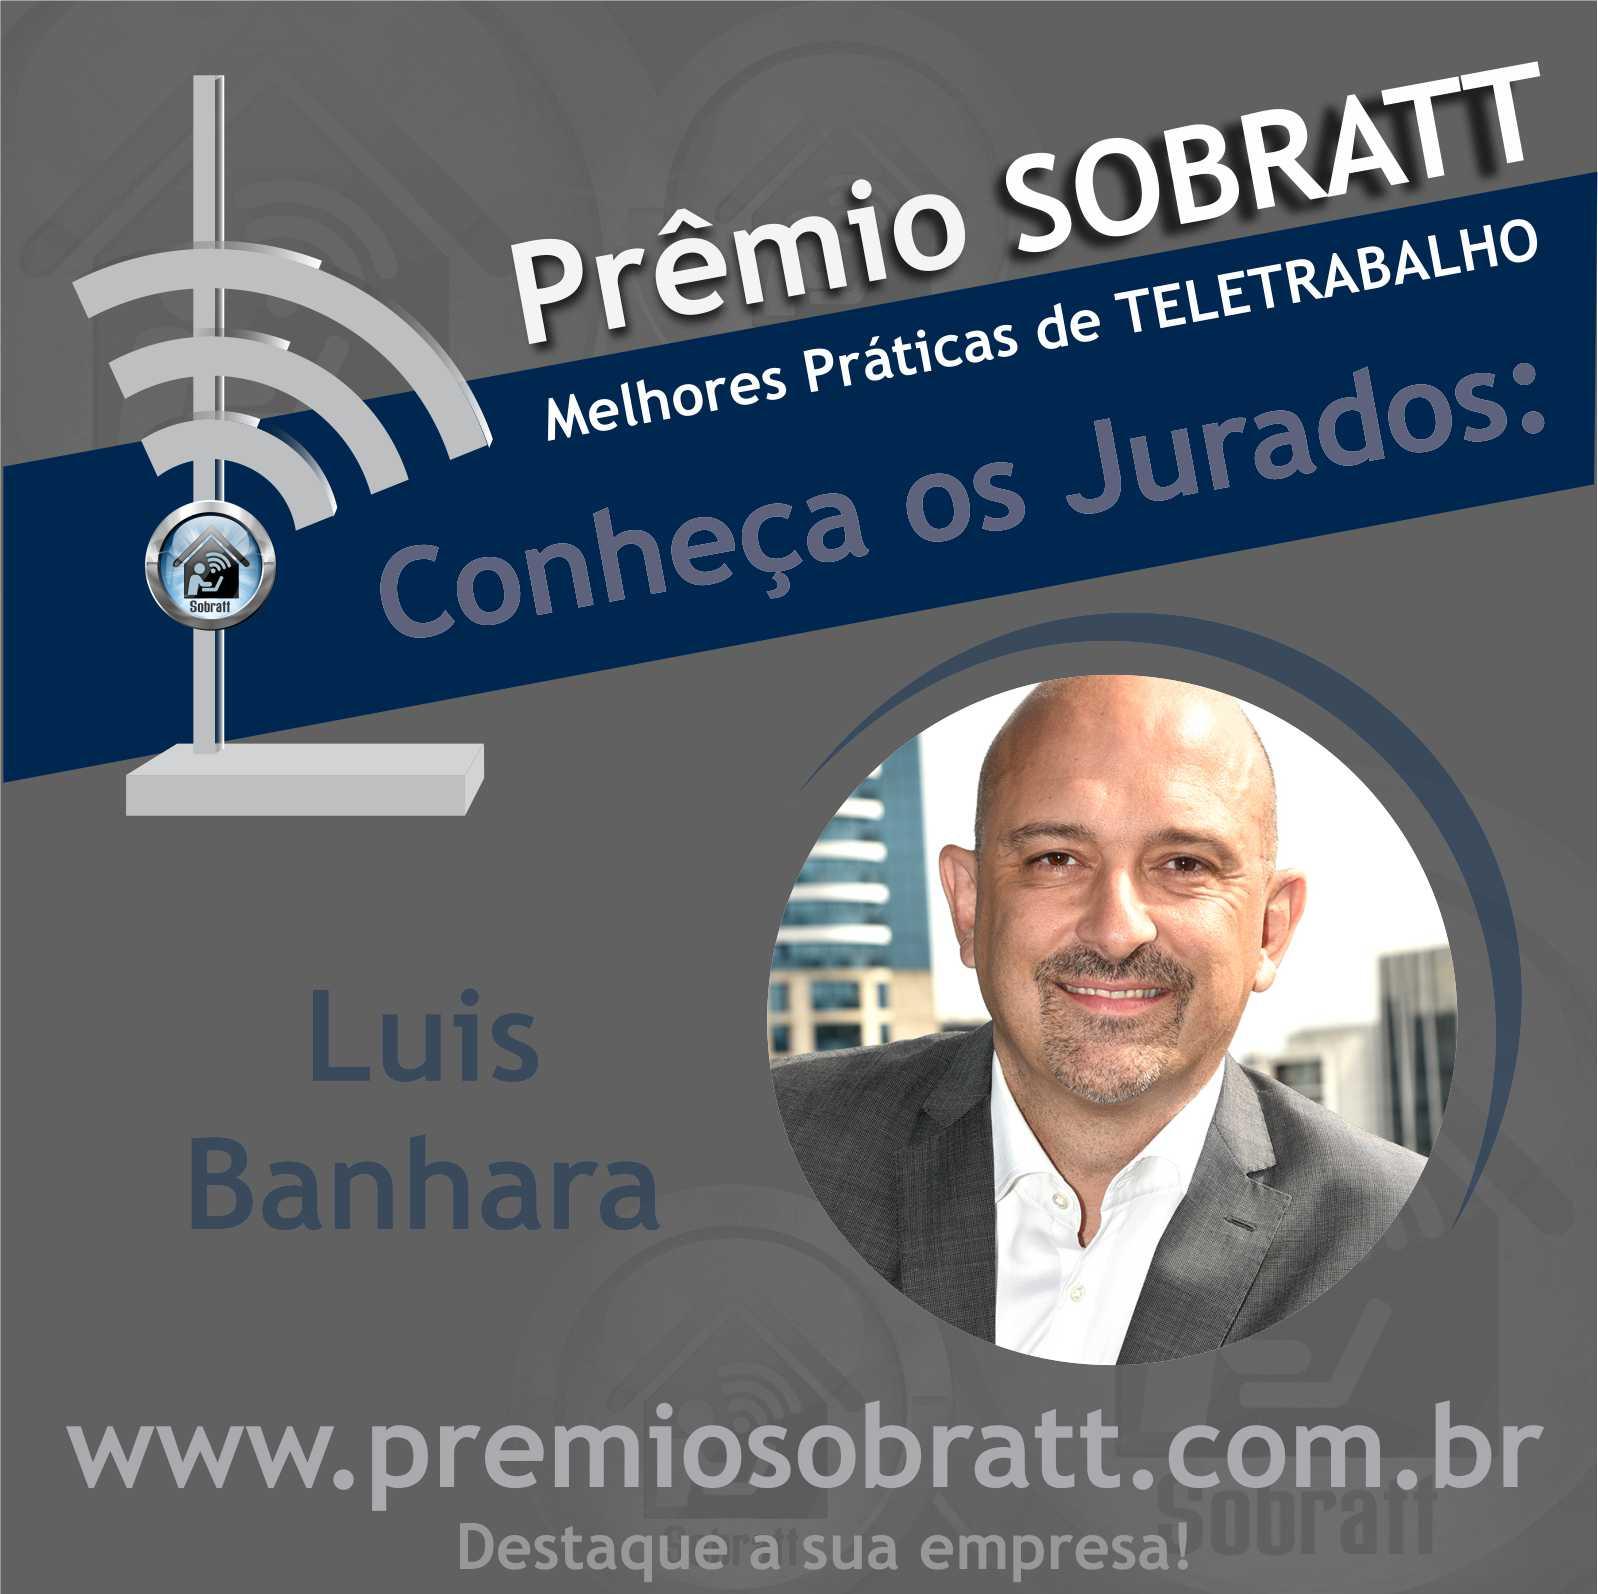 LUI_BANHARA